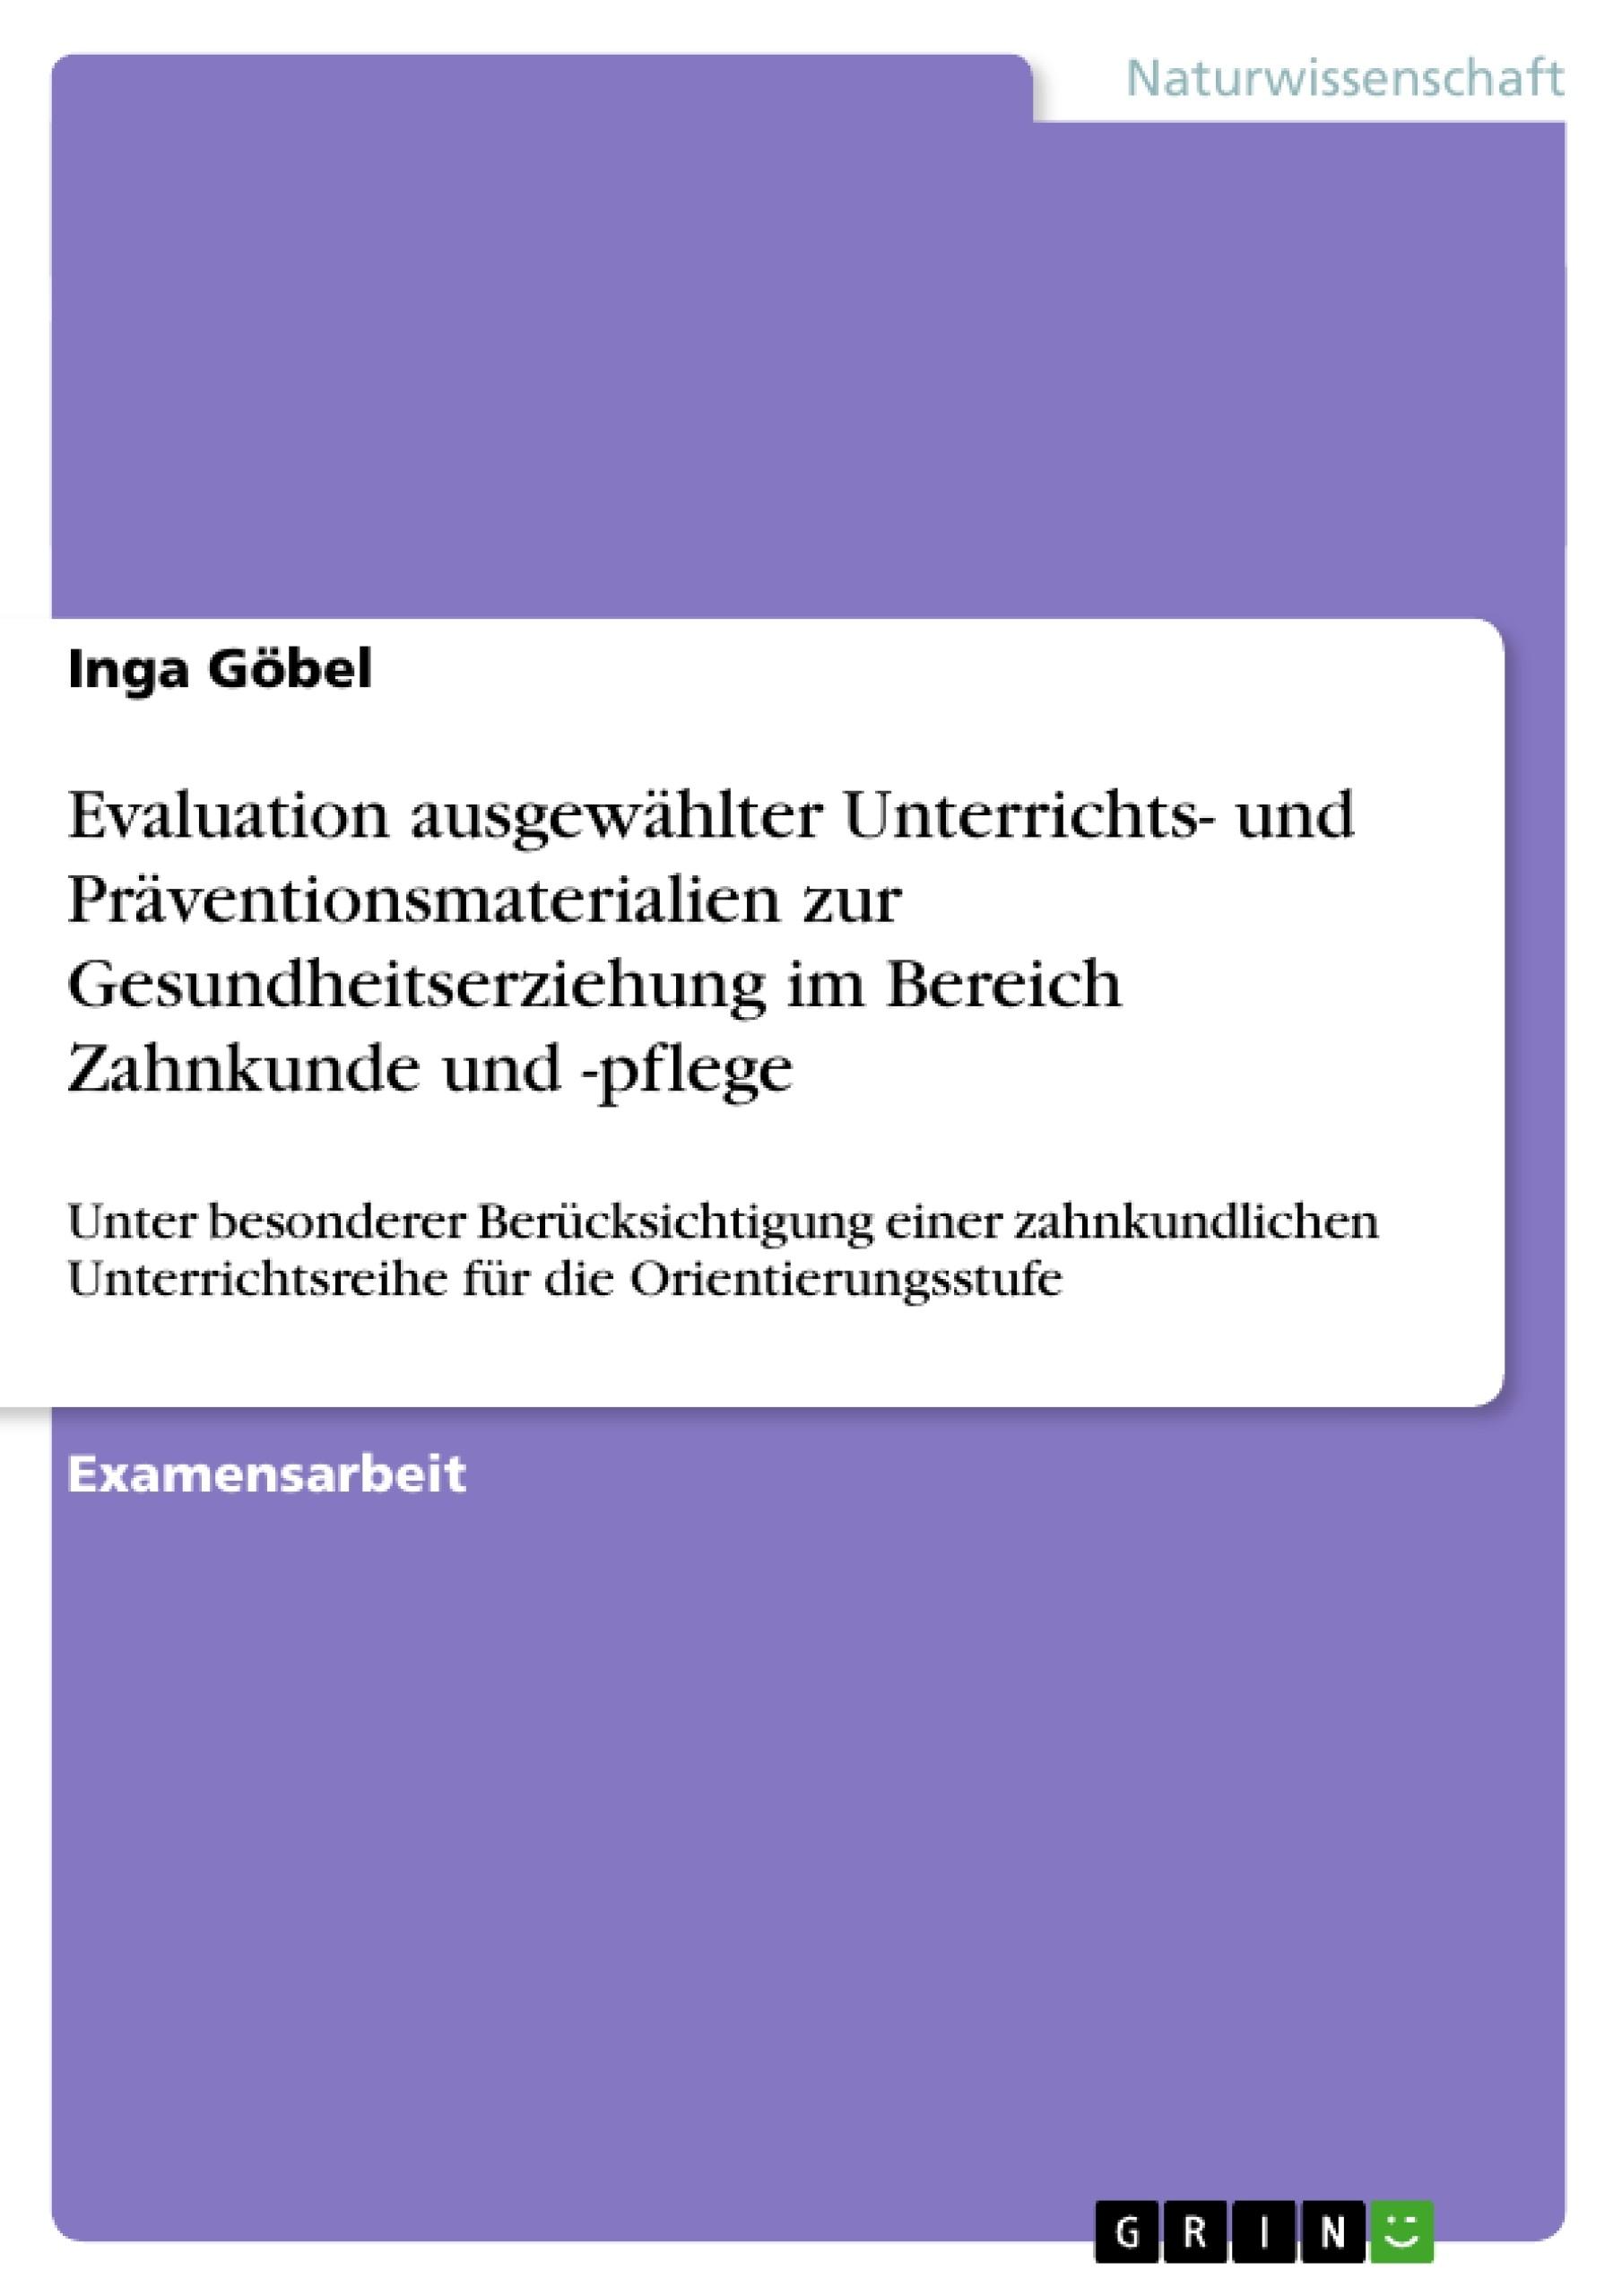 Evaluation ausgewählter Unterrichts- und Präventionsmaterialien ...